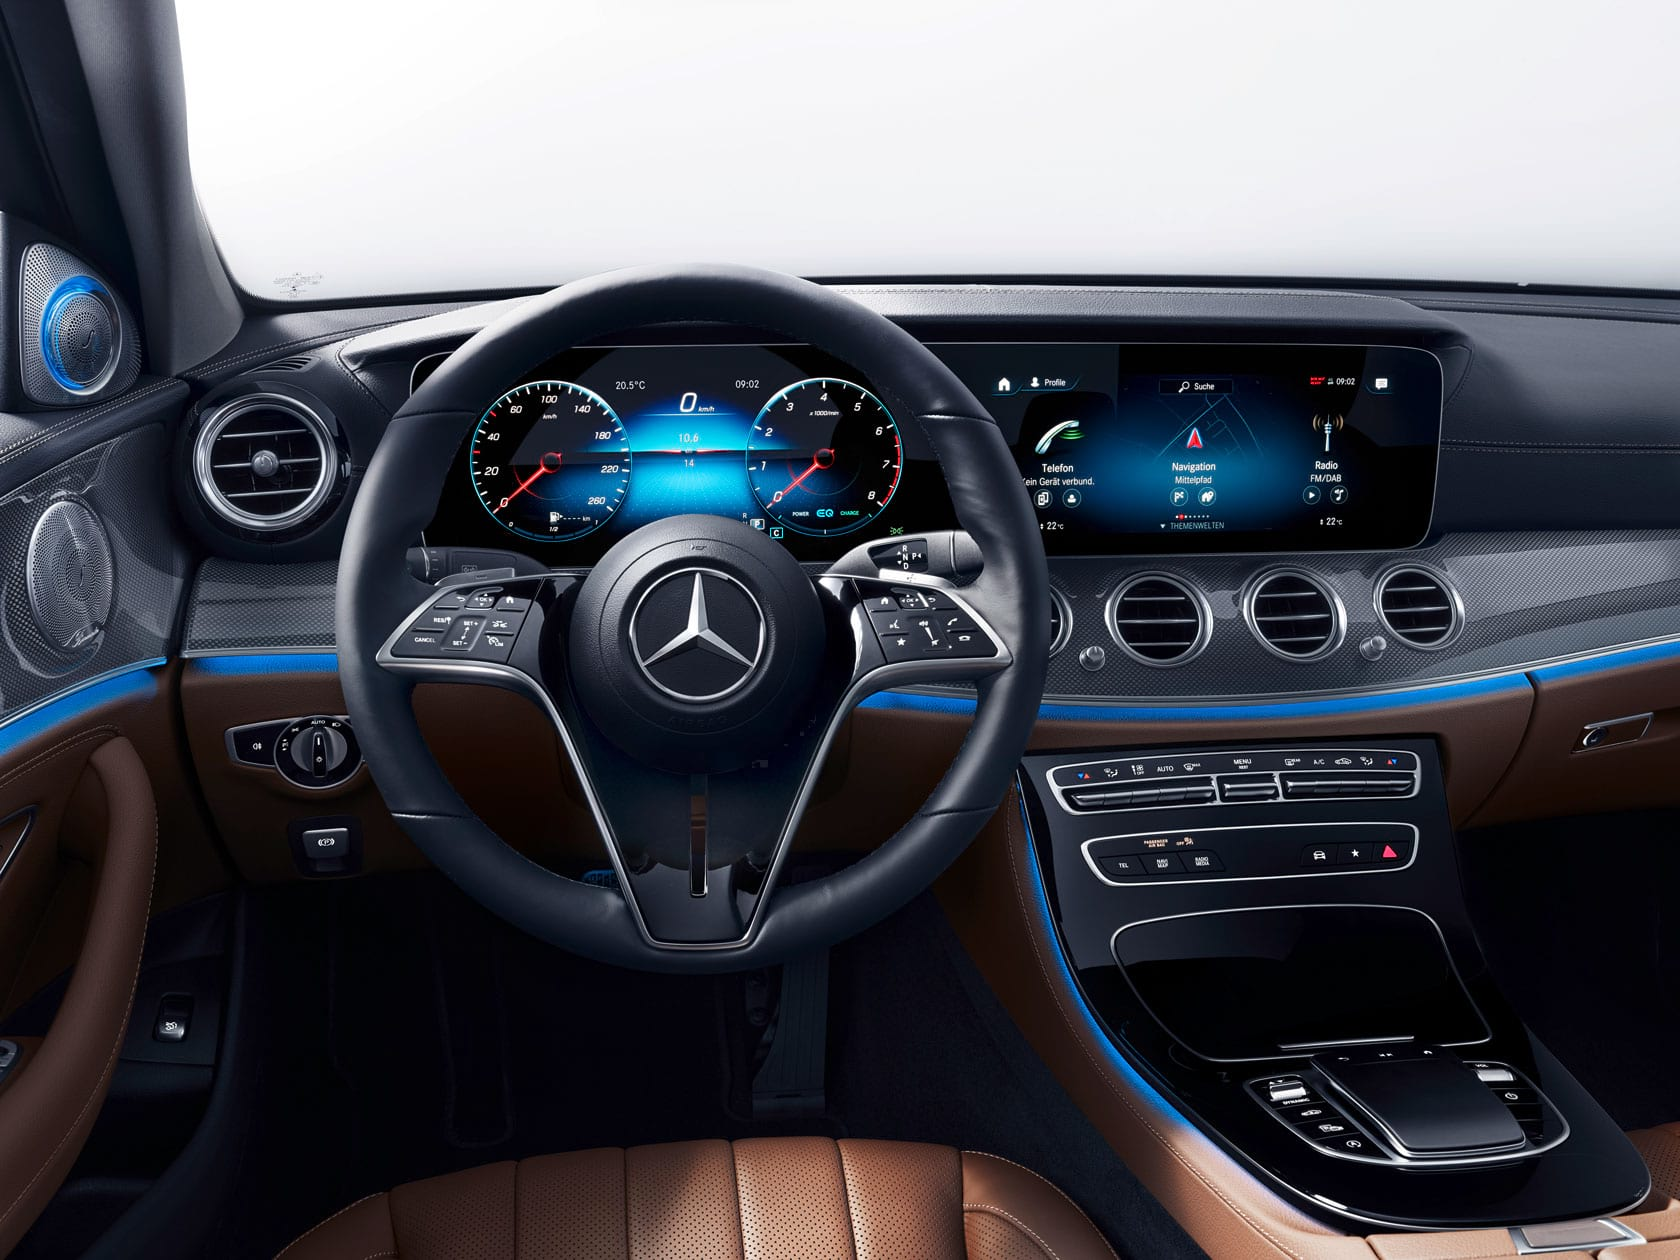 Mercedes-Benz - 120 років розвитку автомобільного керма